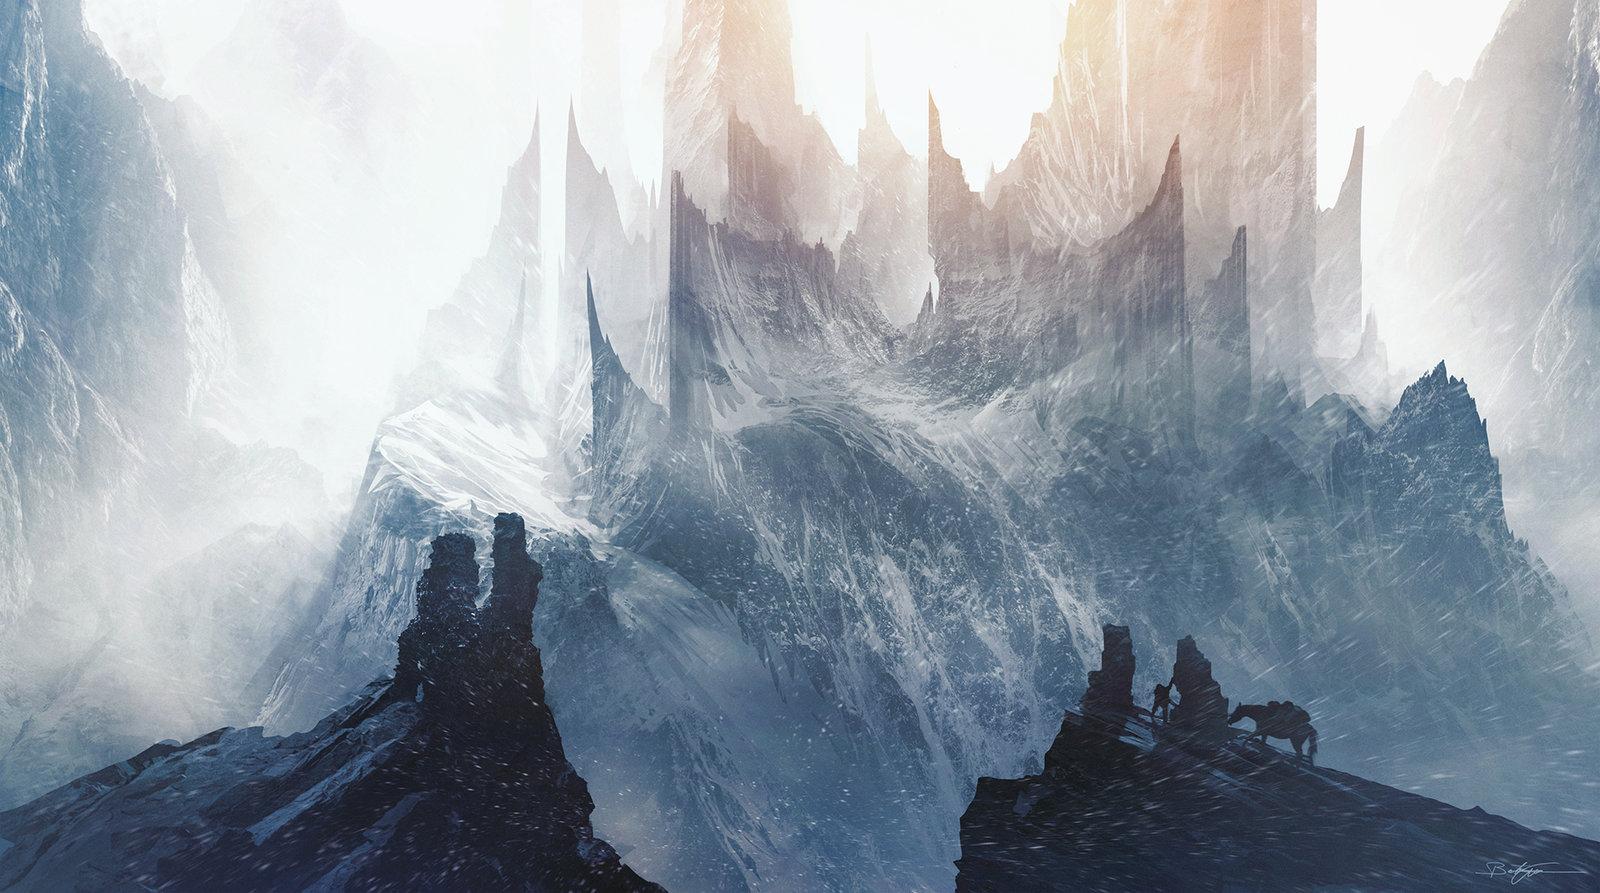 Fantasy Girl Wallpaper Cool Fantasy The Sci Fi Art Of Bastien Grivet Bastien Grivet Artist